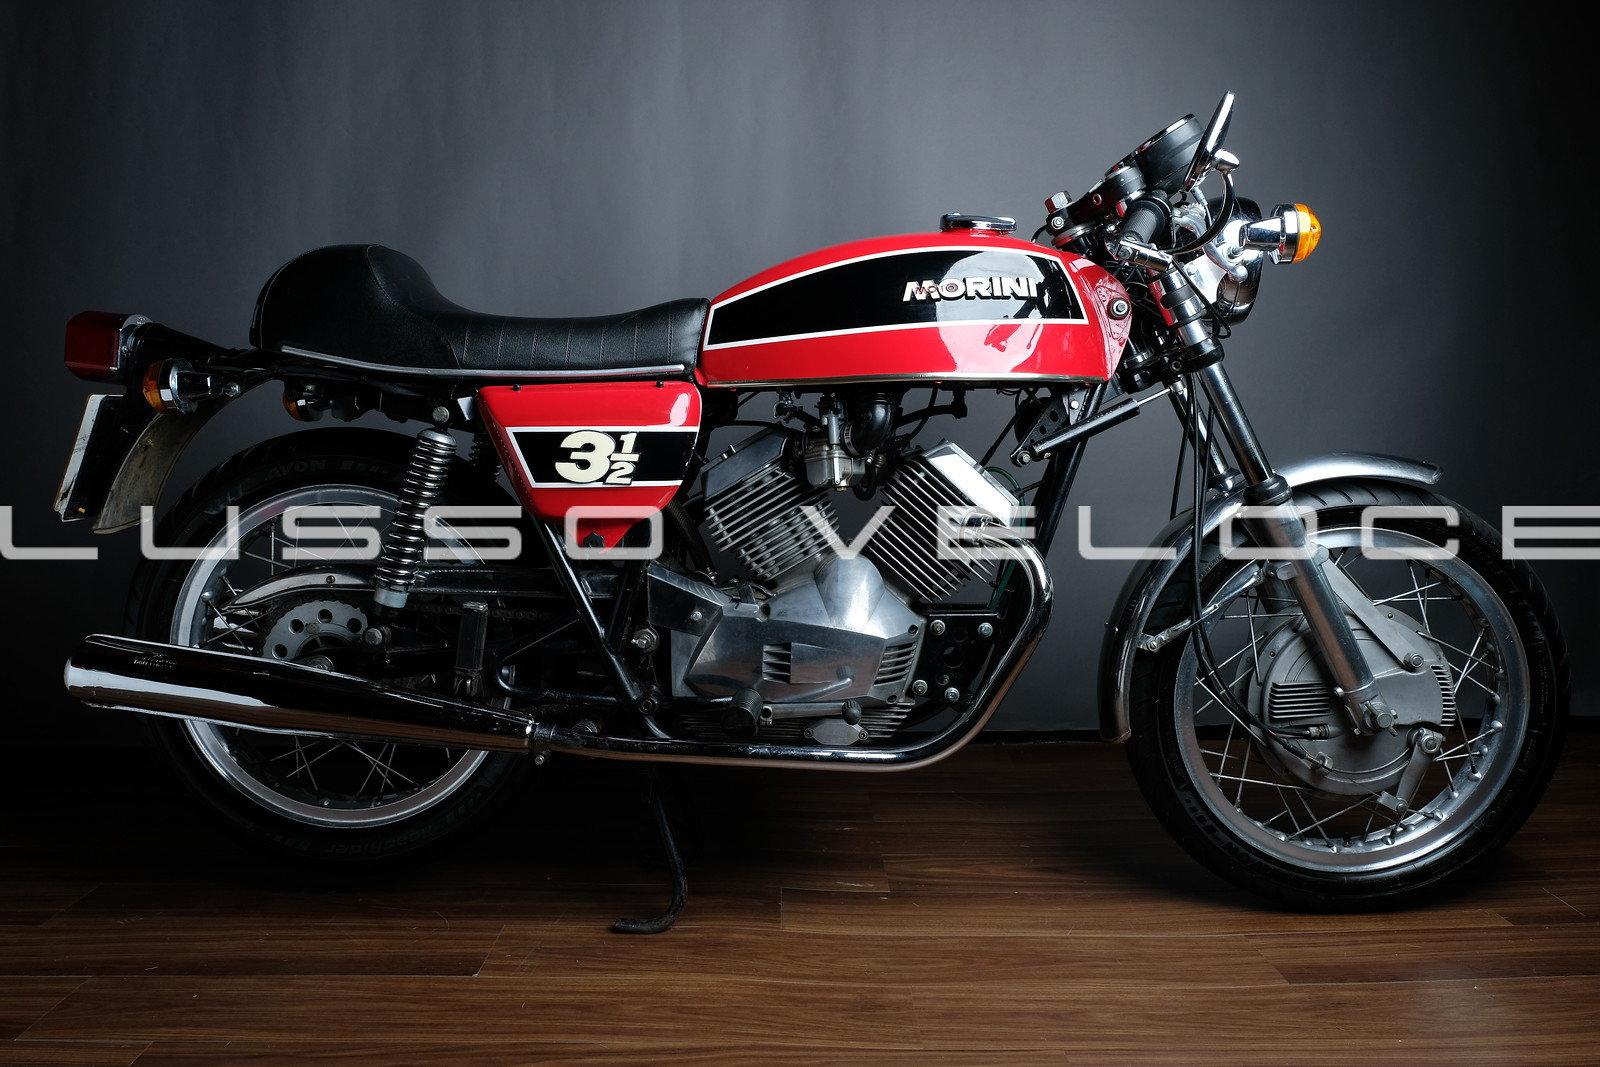 1975 Moto Morini 350 Sport Double drum  For Sale (picture 1 of 6)